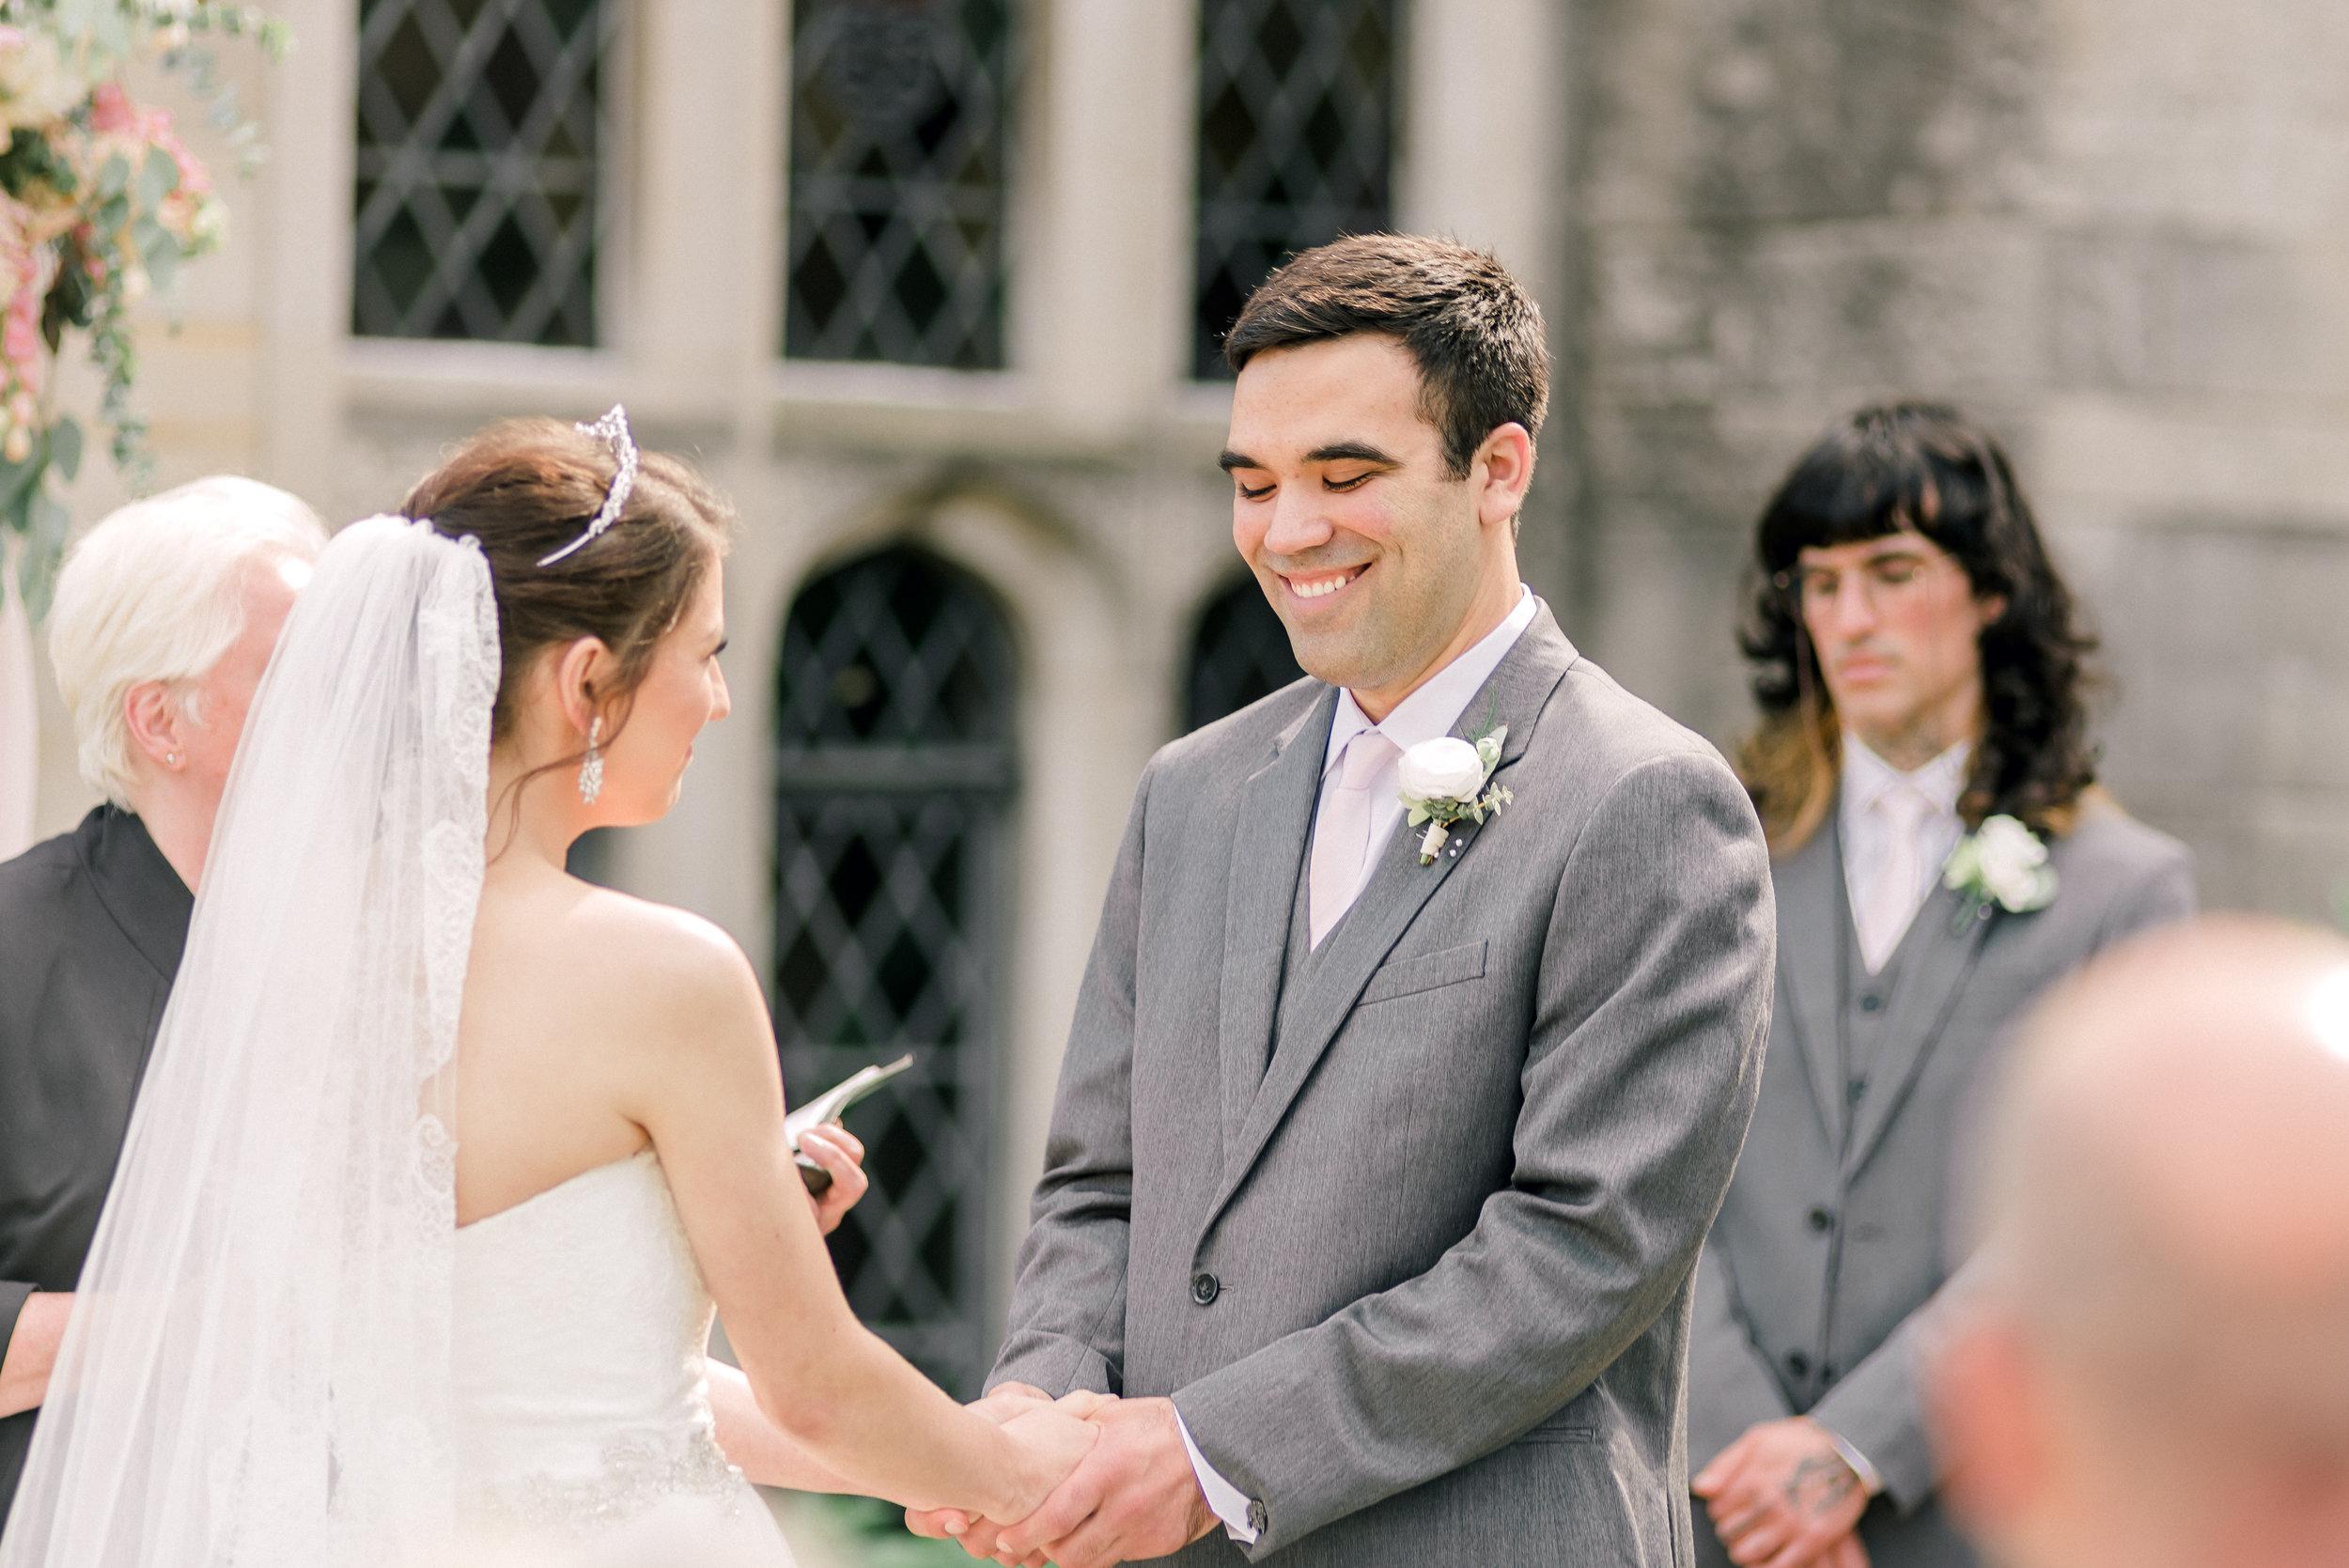 pittsburgh-wedding-photographer-hartwood-acres-0026.jpg